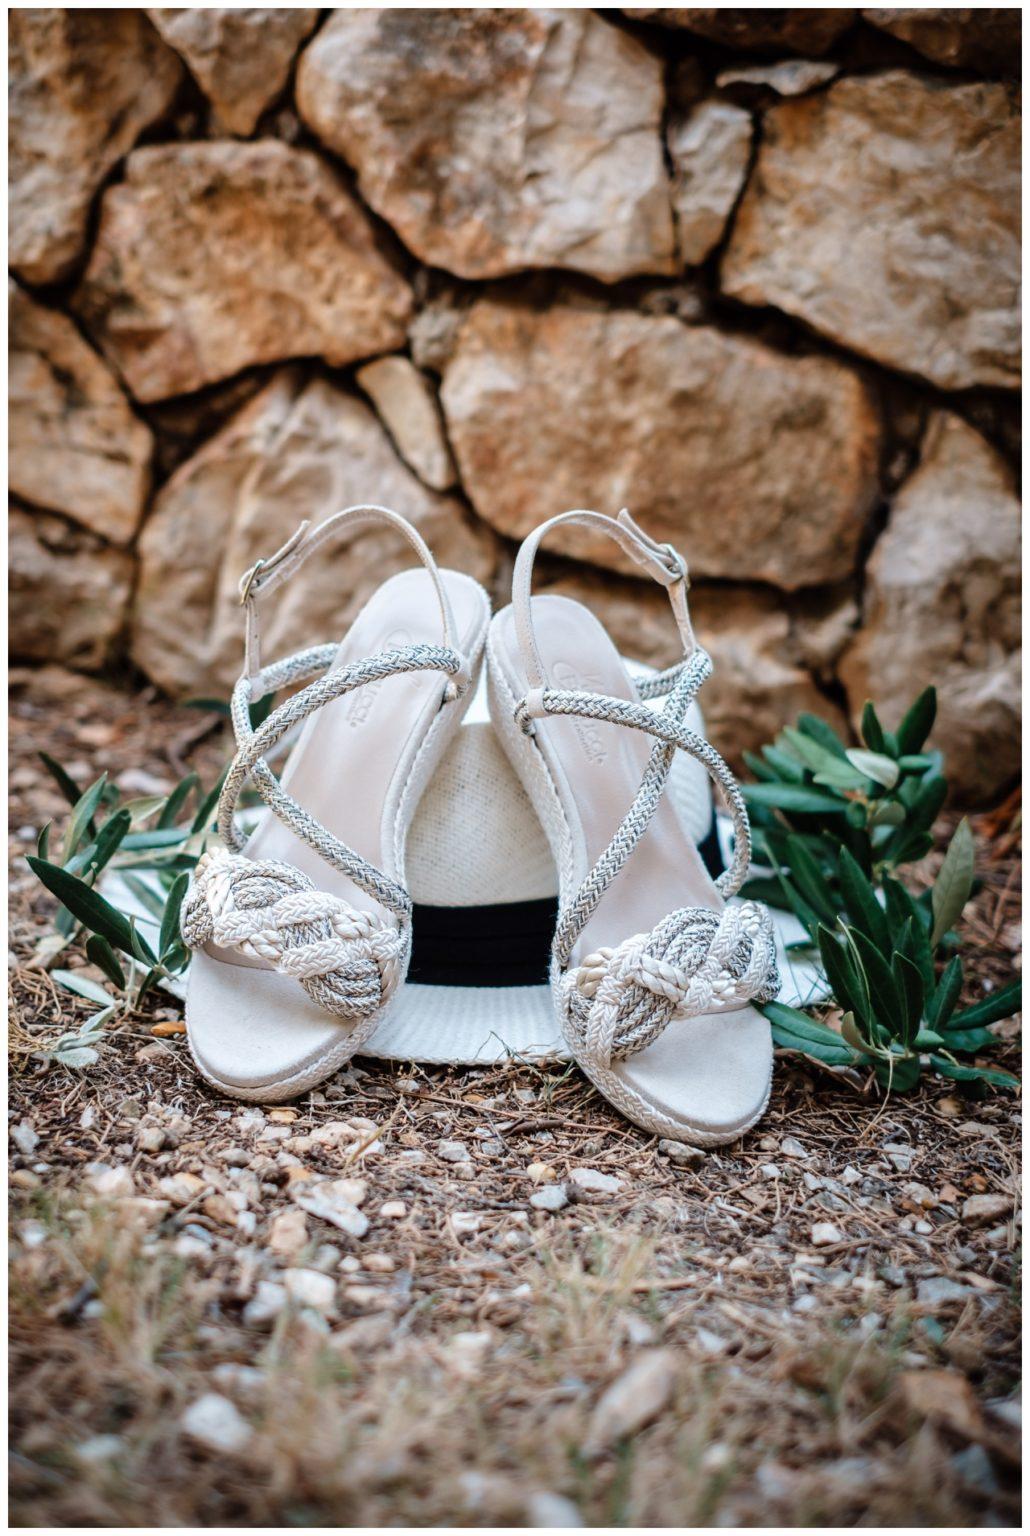 hochzeit brac inse boho heiraten kroatien hochzeitsplaner 4 - Glam Boho Hochzeit auf der Insel Brač